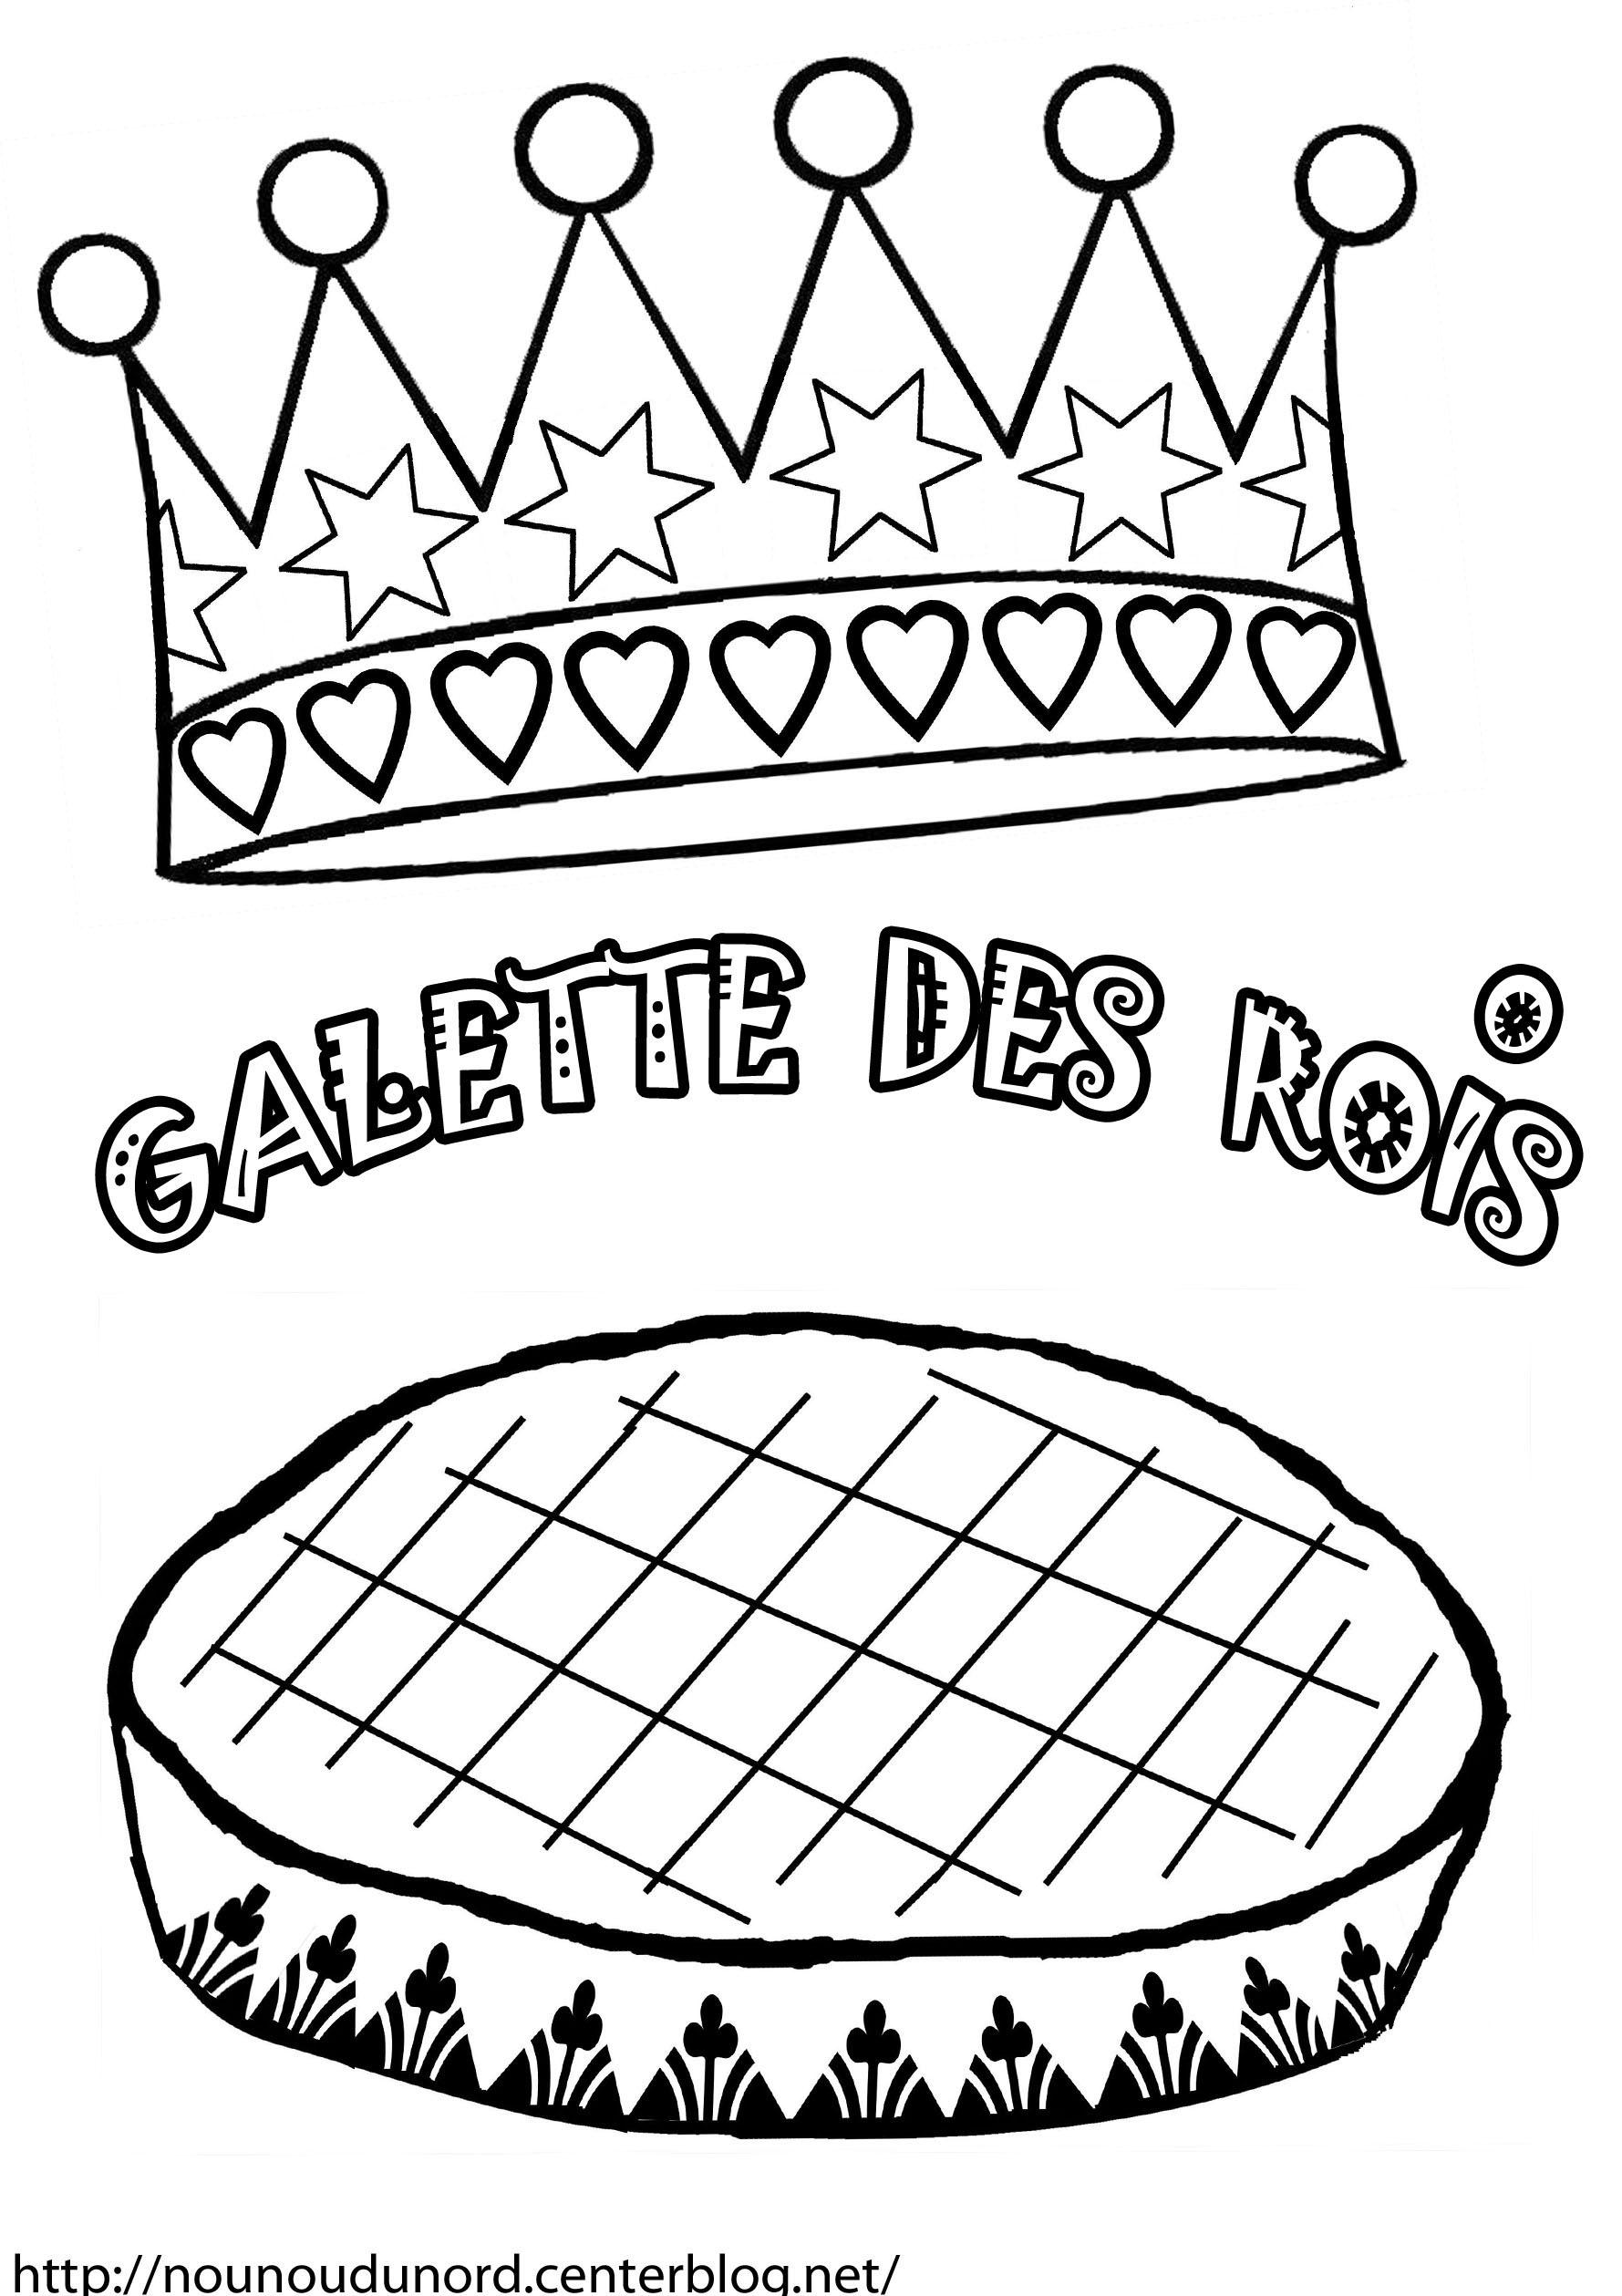 29 dessins de coloriage galette des rois à imprimer